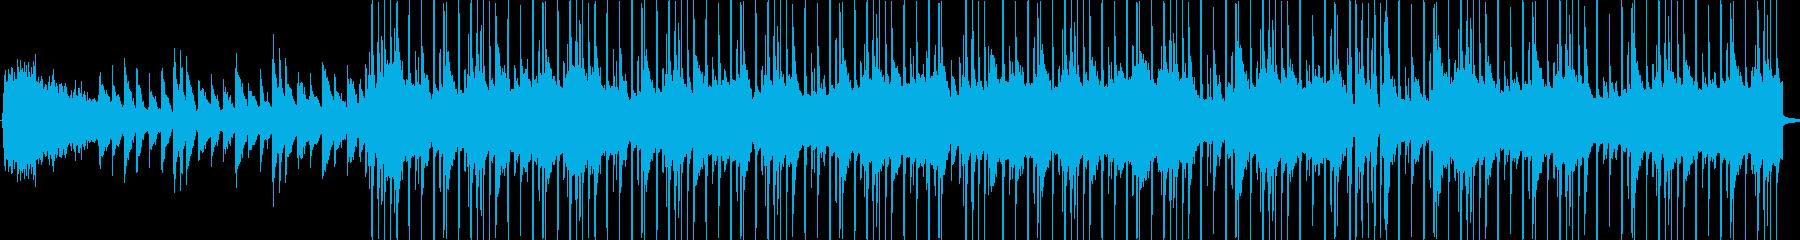 ラウンジ まったり ブレイクビーツ...の再生済みの波形